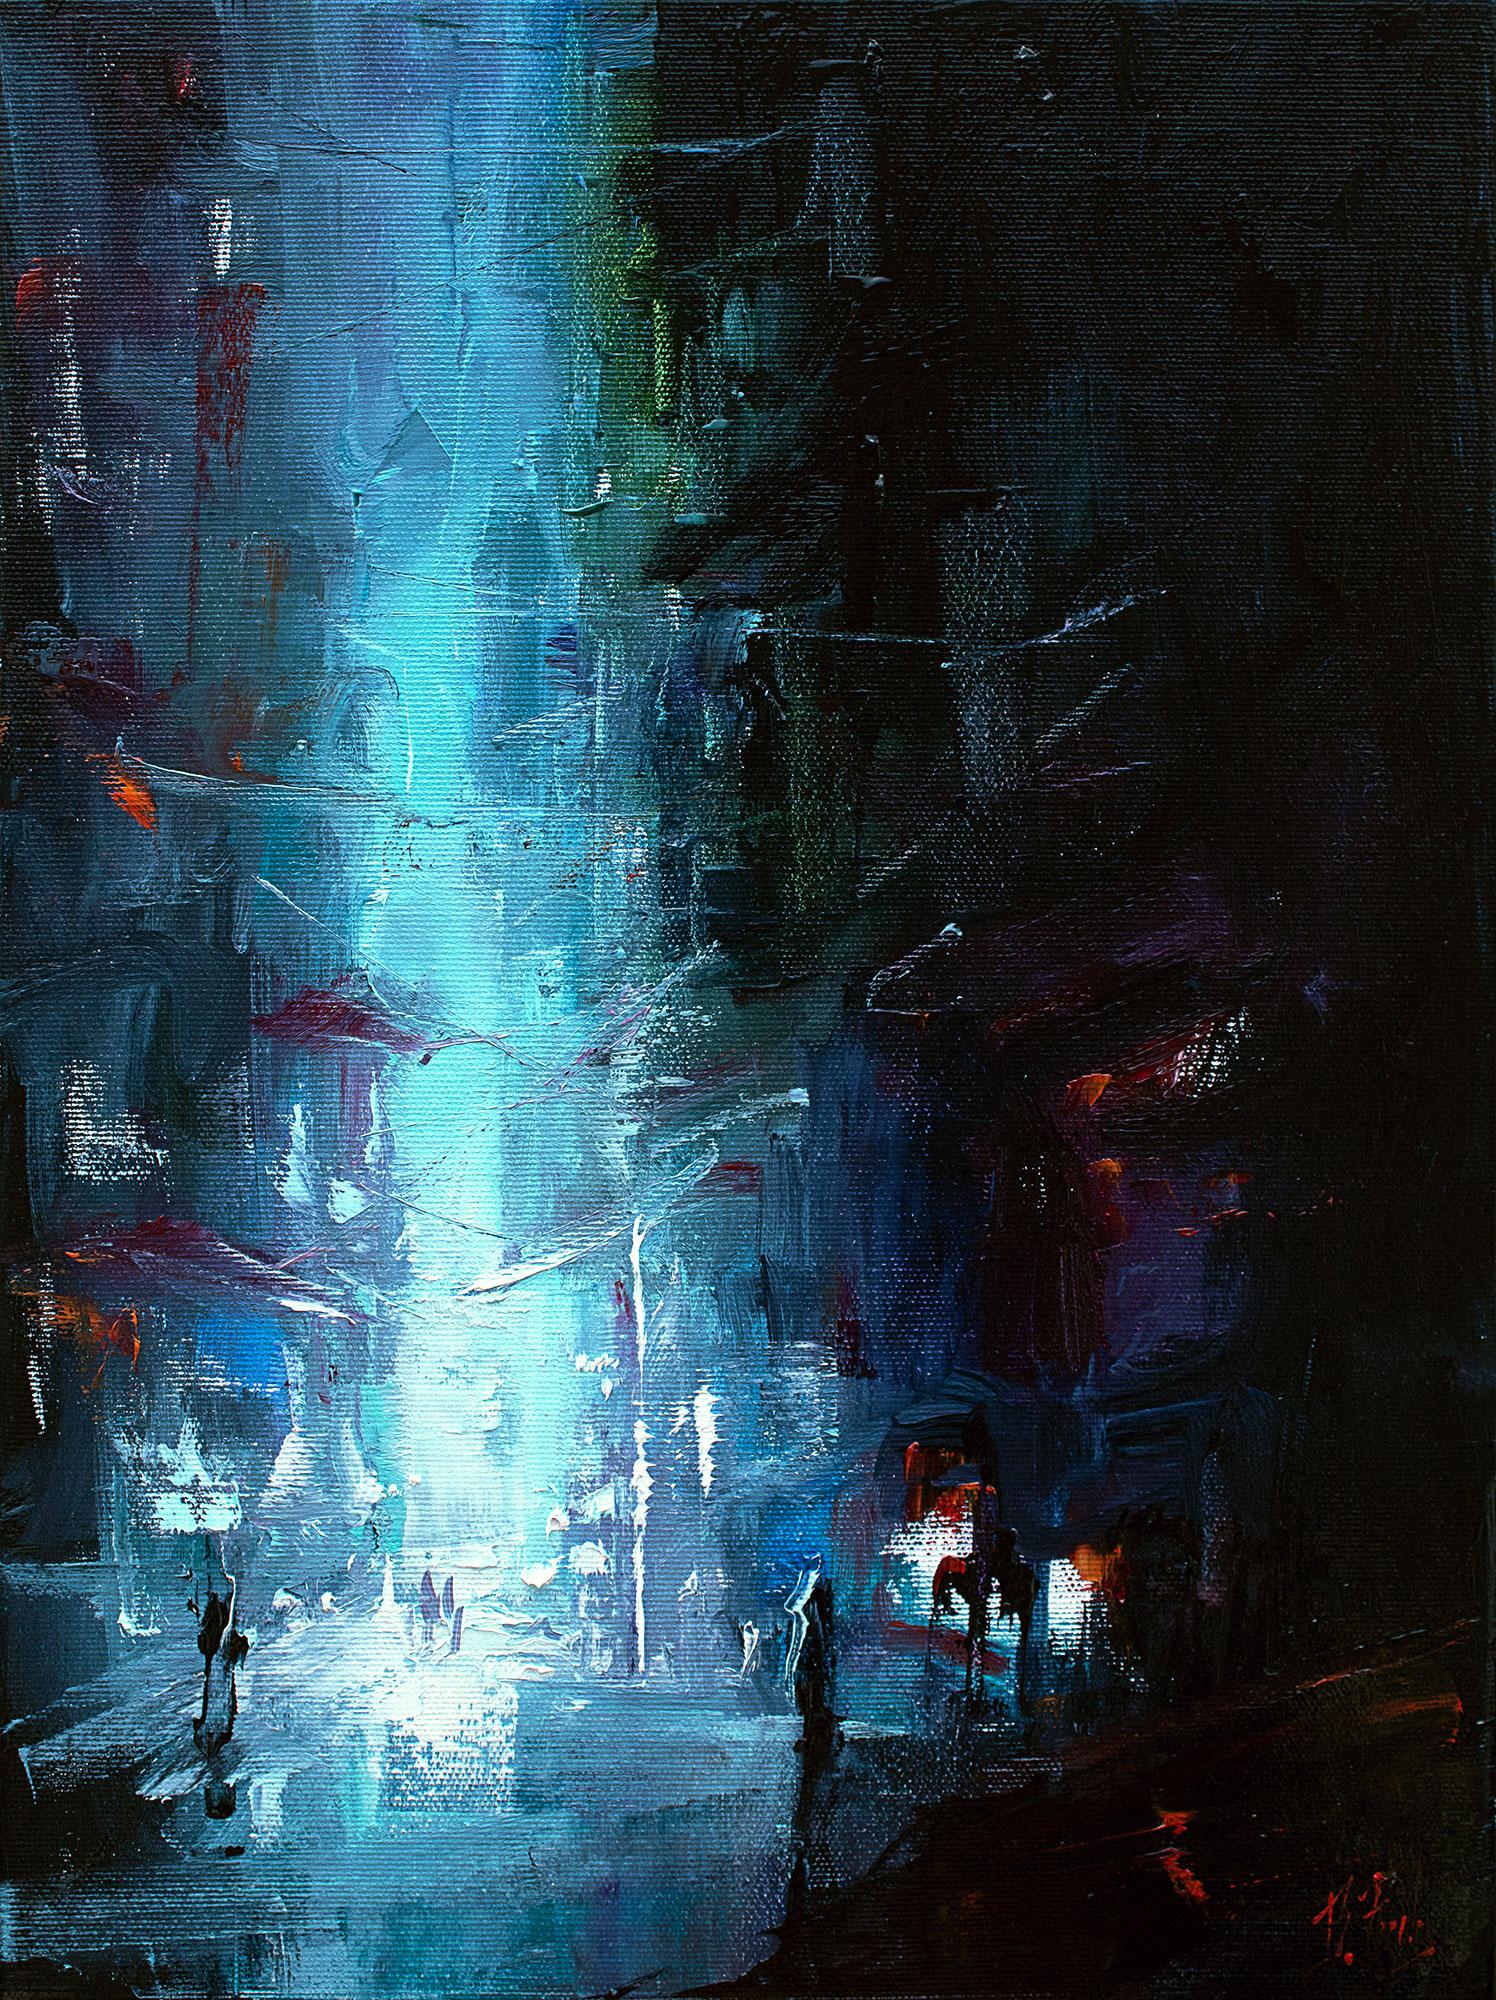 City nightscape cityscape